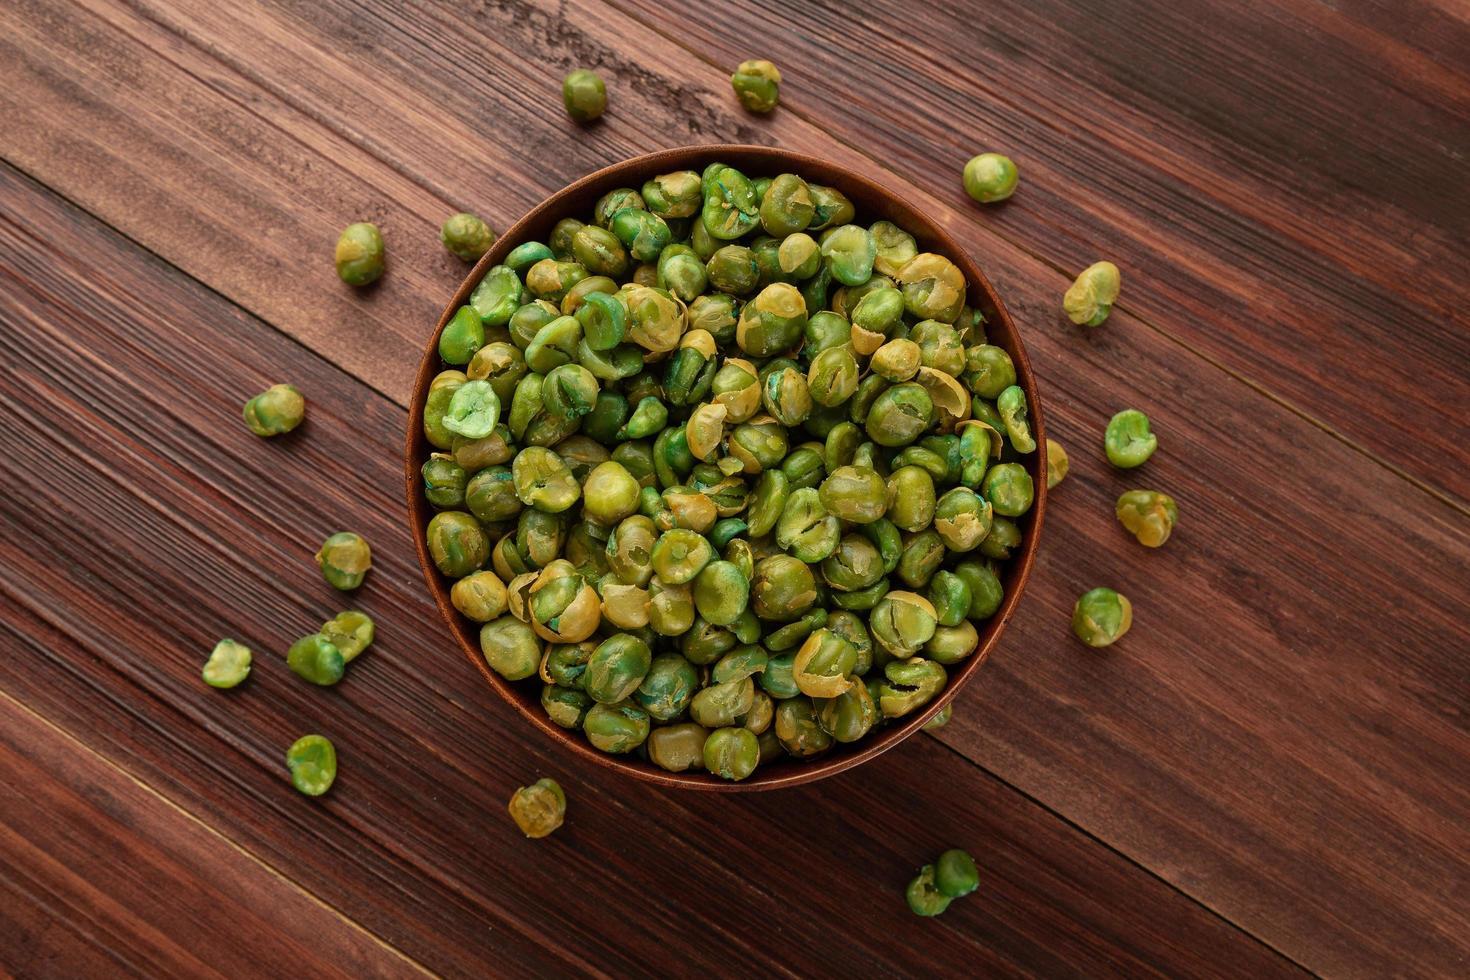 pois verts salés dans un bol en bois sur la table, collation saine photo